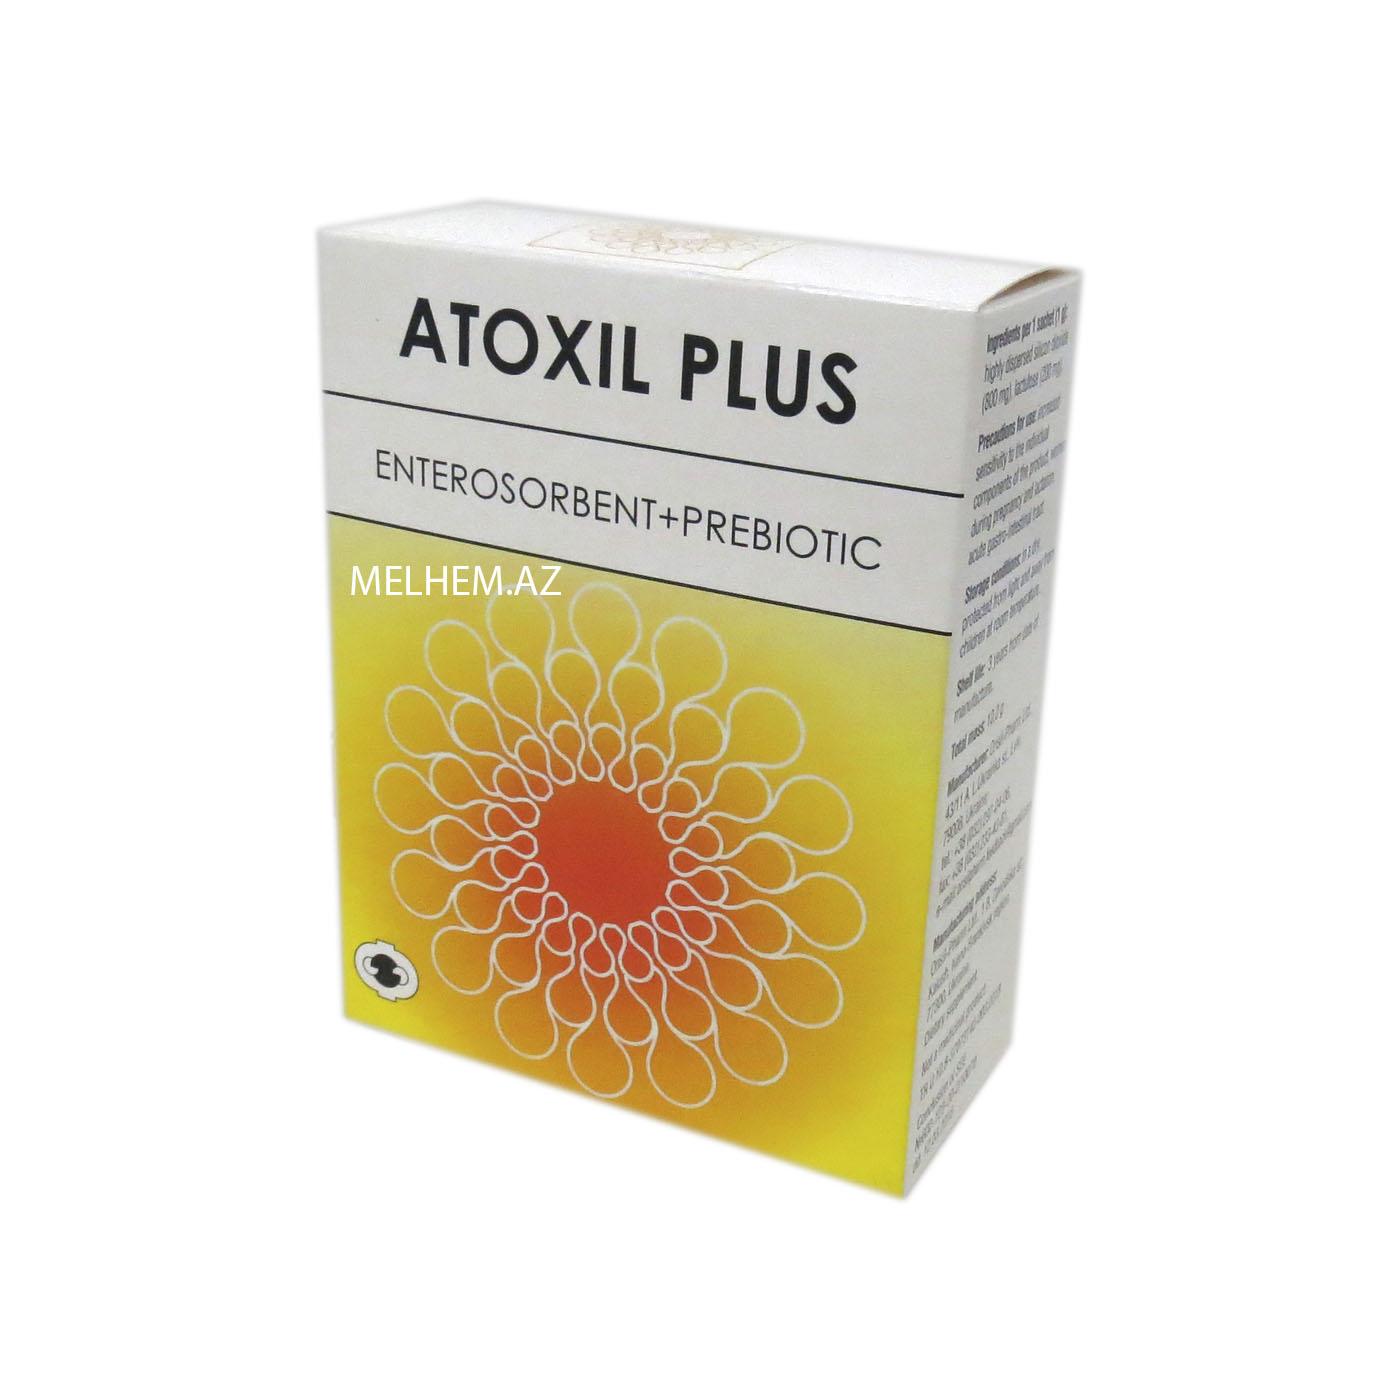 ATOXIL PLUS